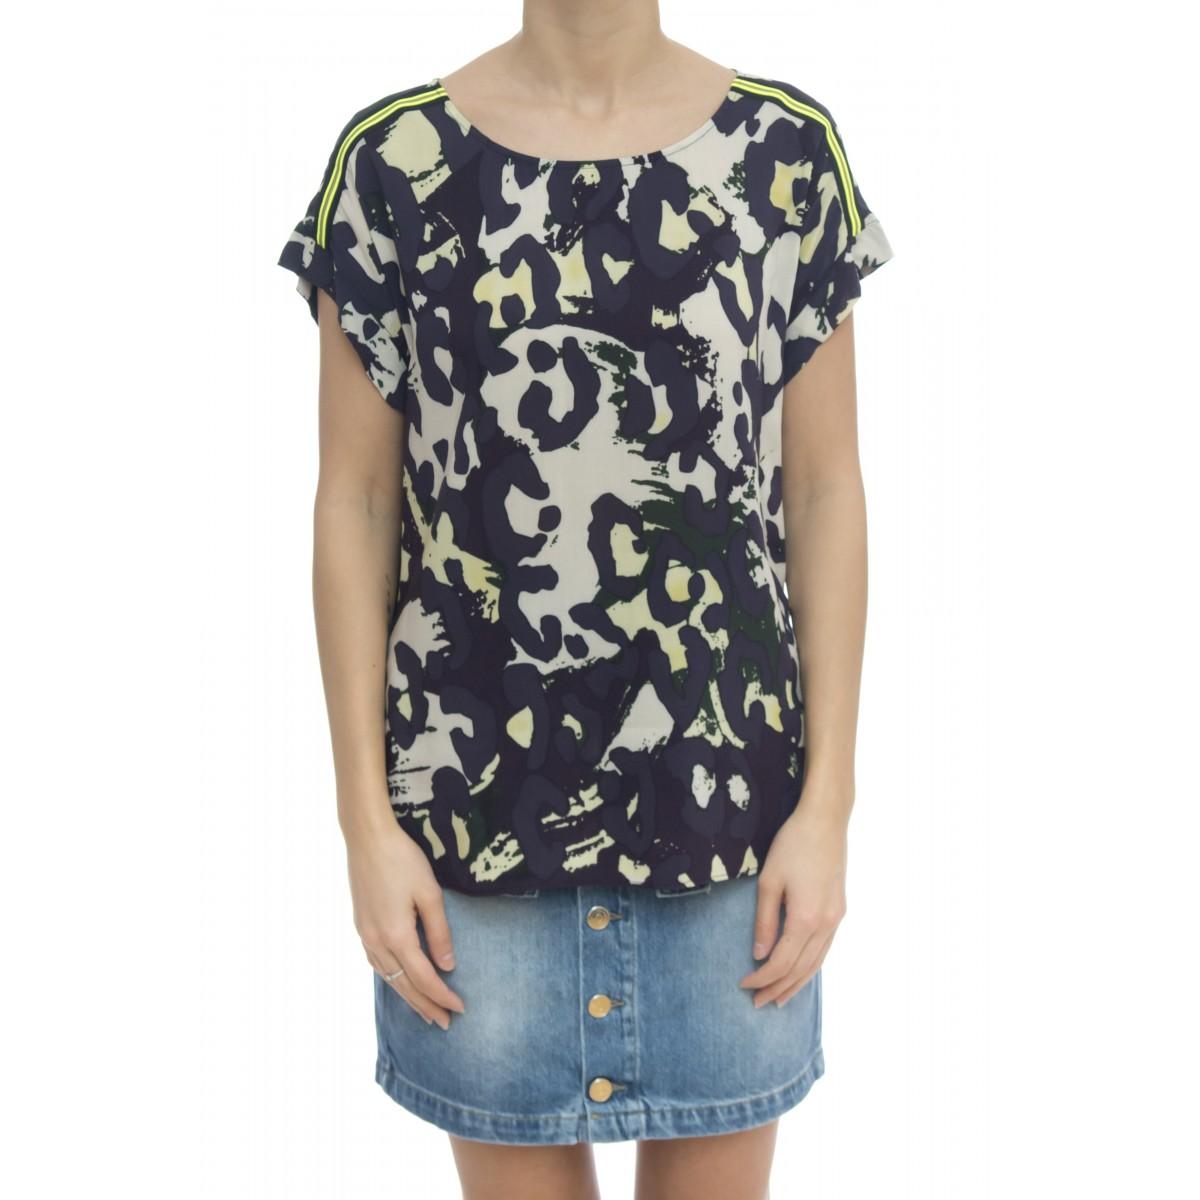 Camicia donna - Wasily camicia stampa